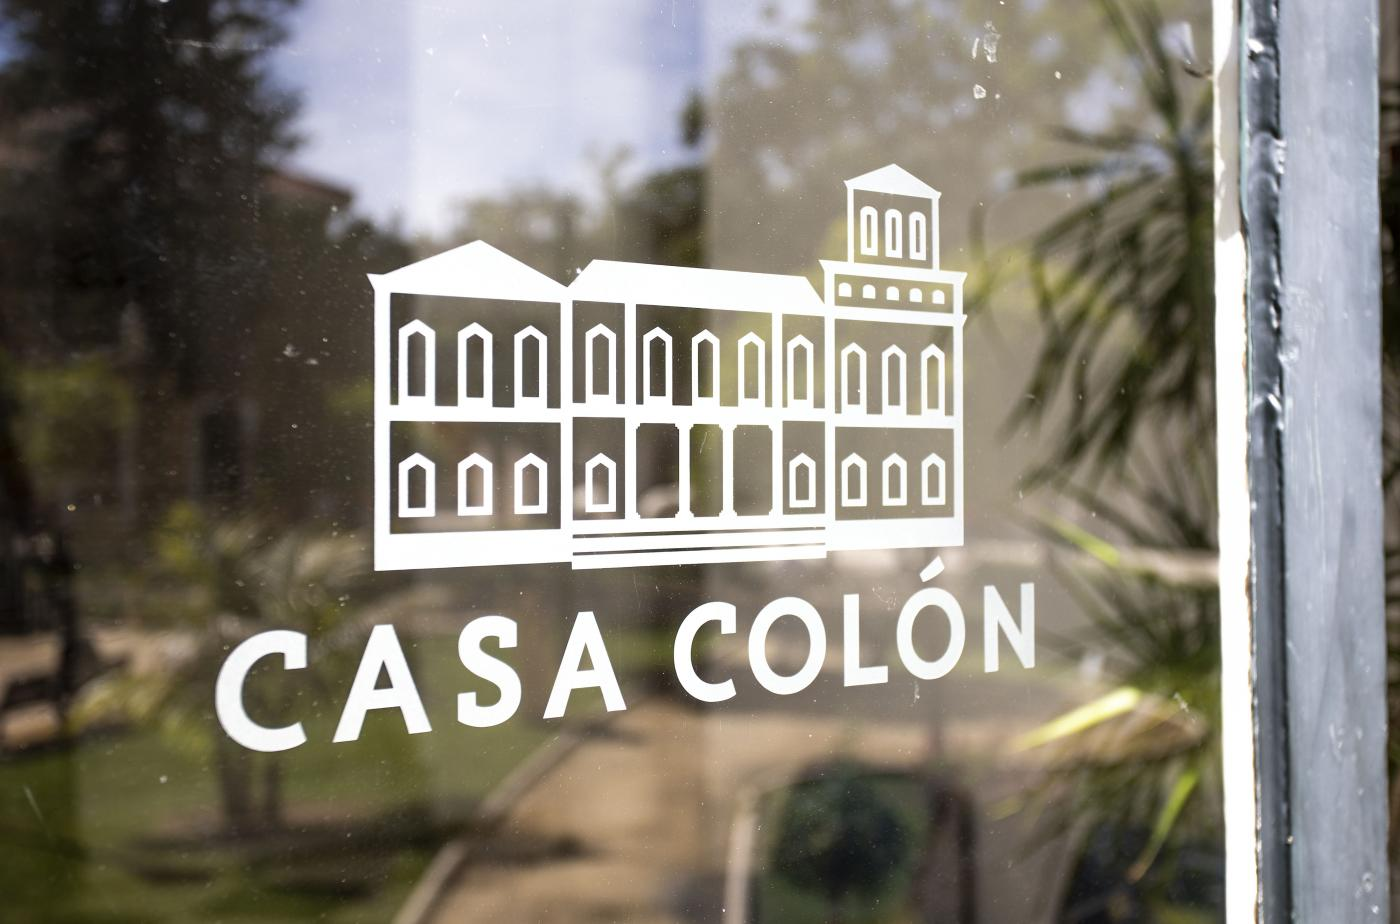 La Casa Colón de Huelva renueva su imagen de marca y estrena nueva señalética